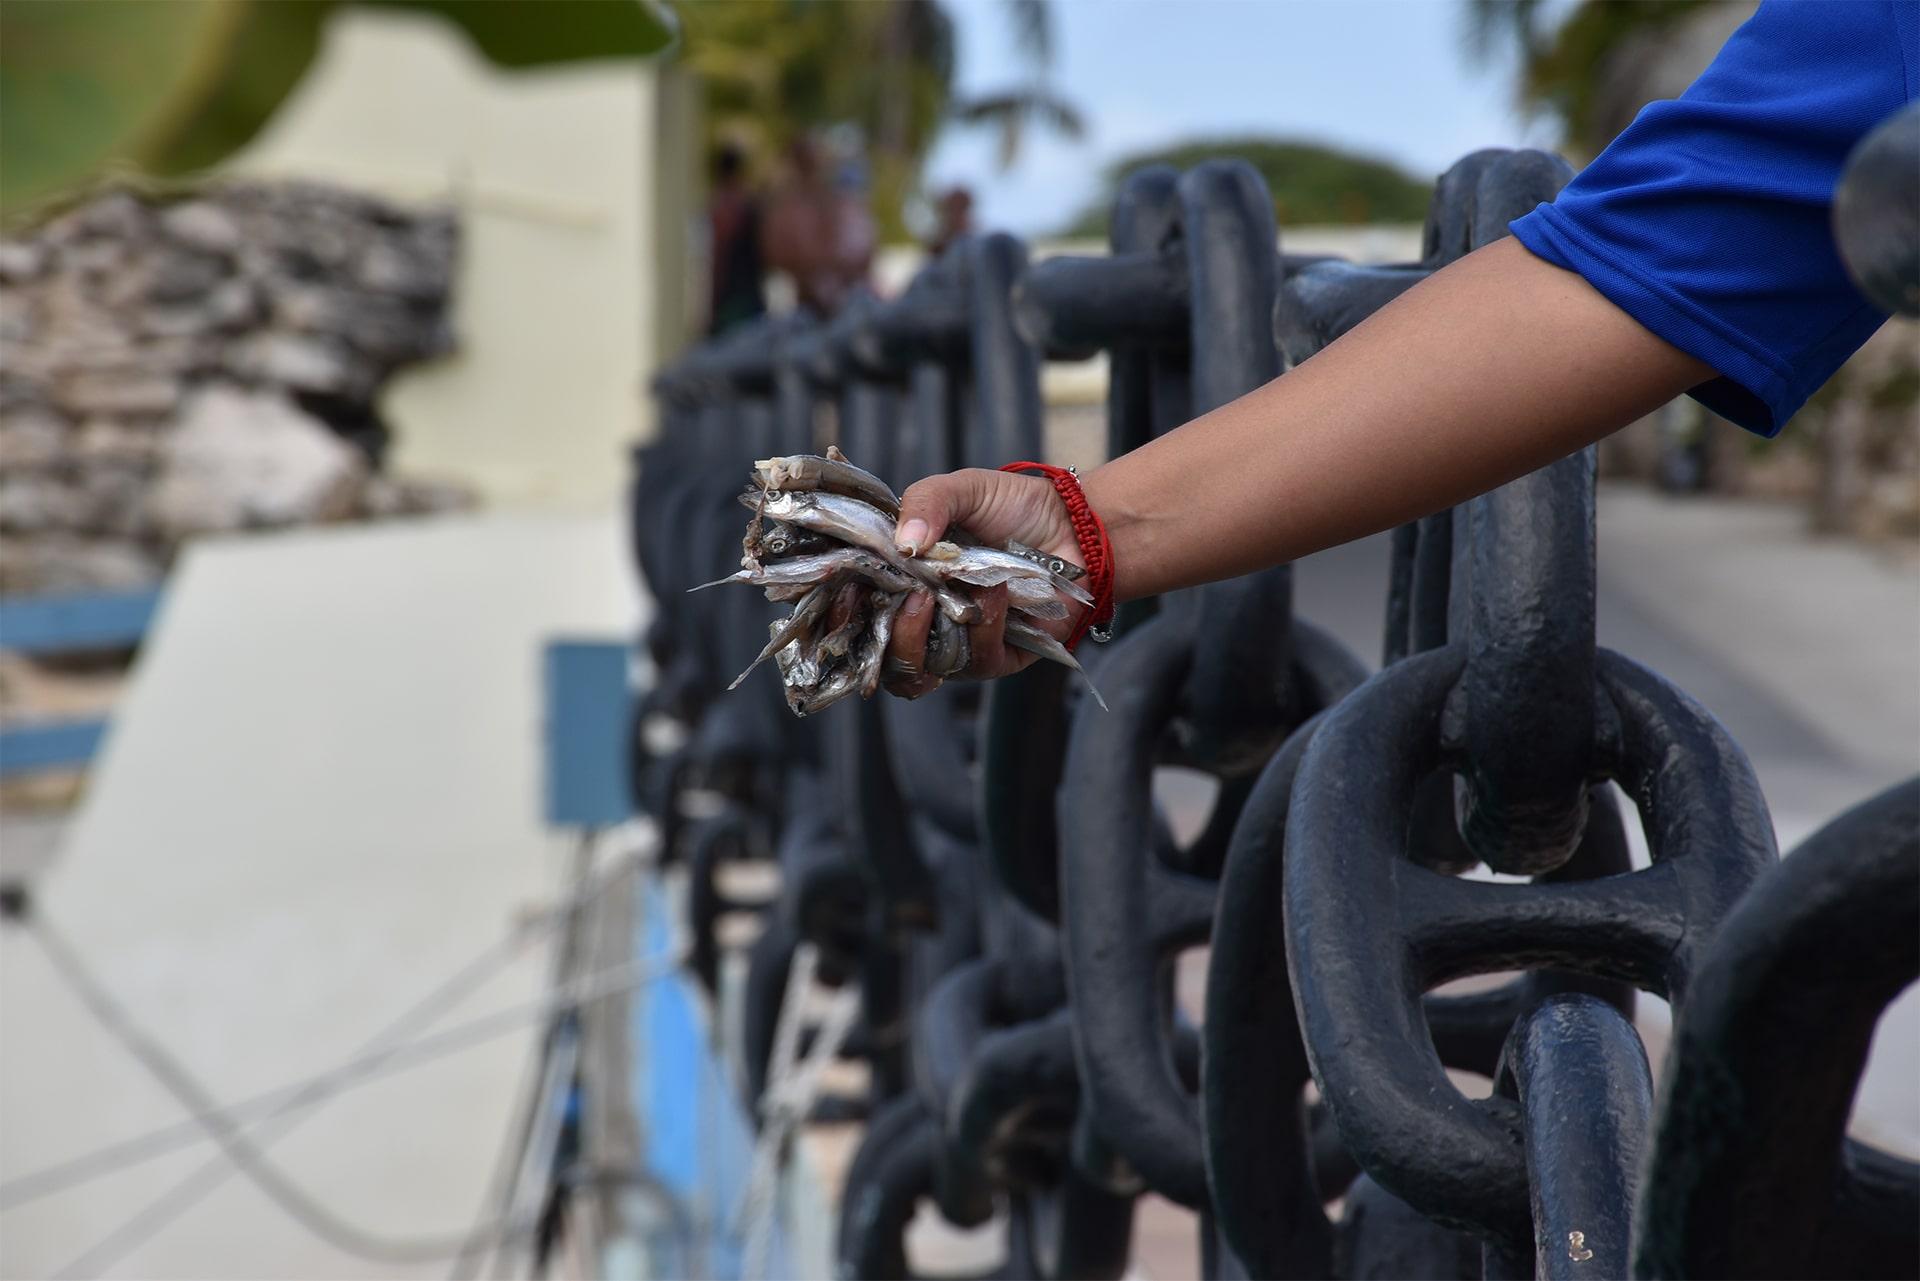 Medewerker Sea Aquarium Curaçao houdt vissen in de hand, wat de nul verspilling voedingscyclus in stand houd.